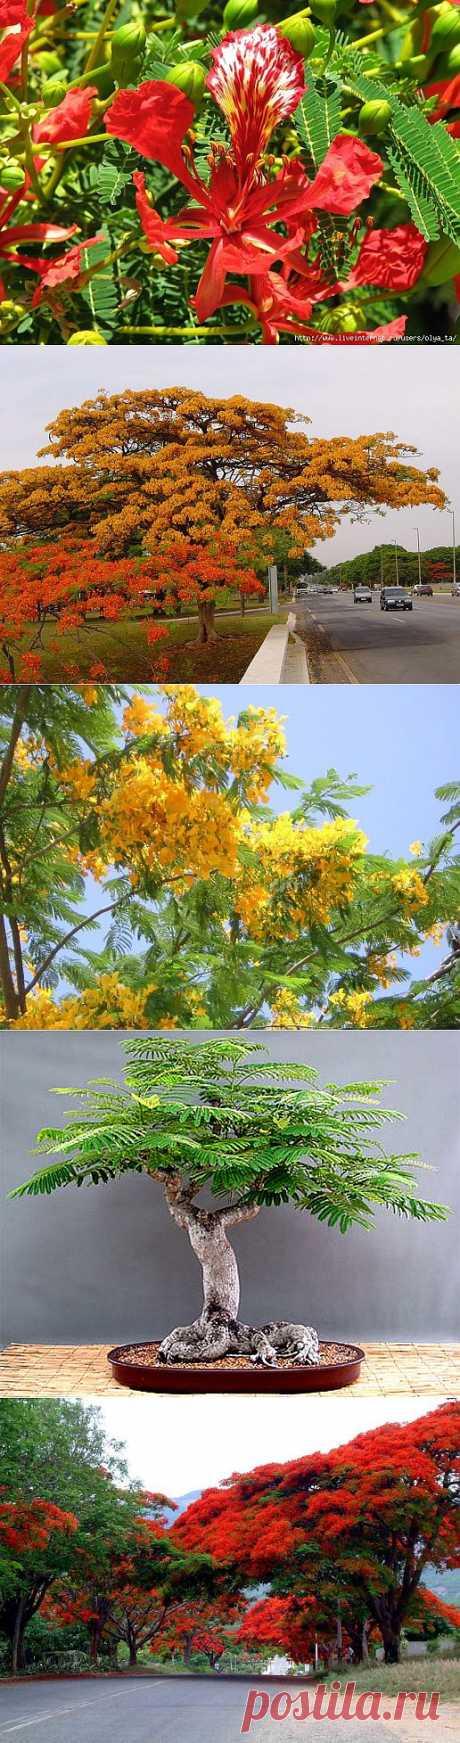 Делоникс королевский – одно из пяти самых красивых деревьев мира